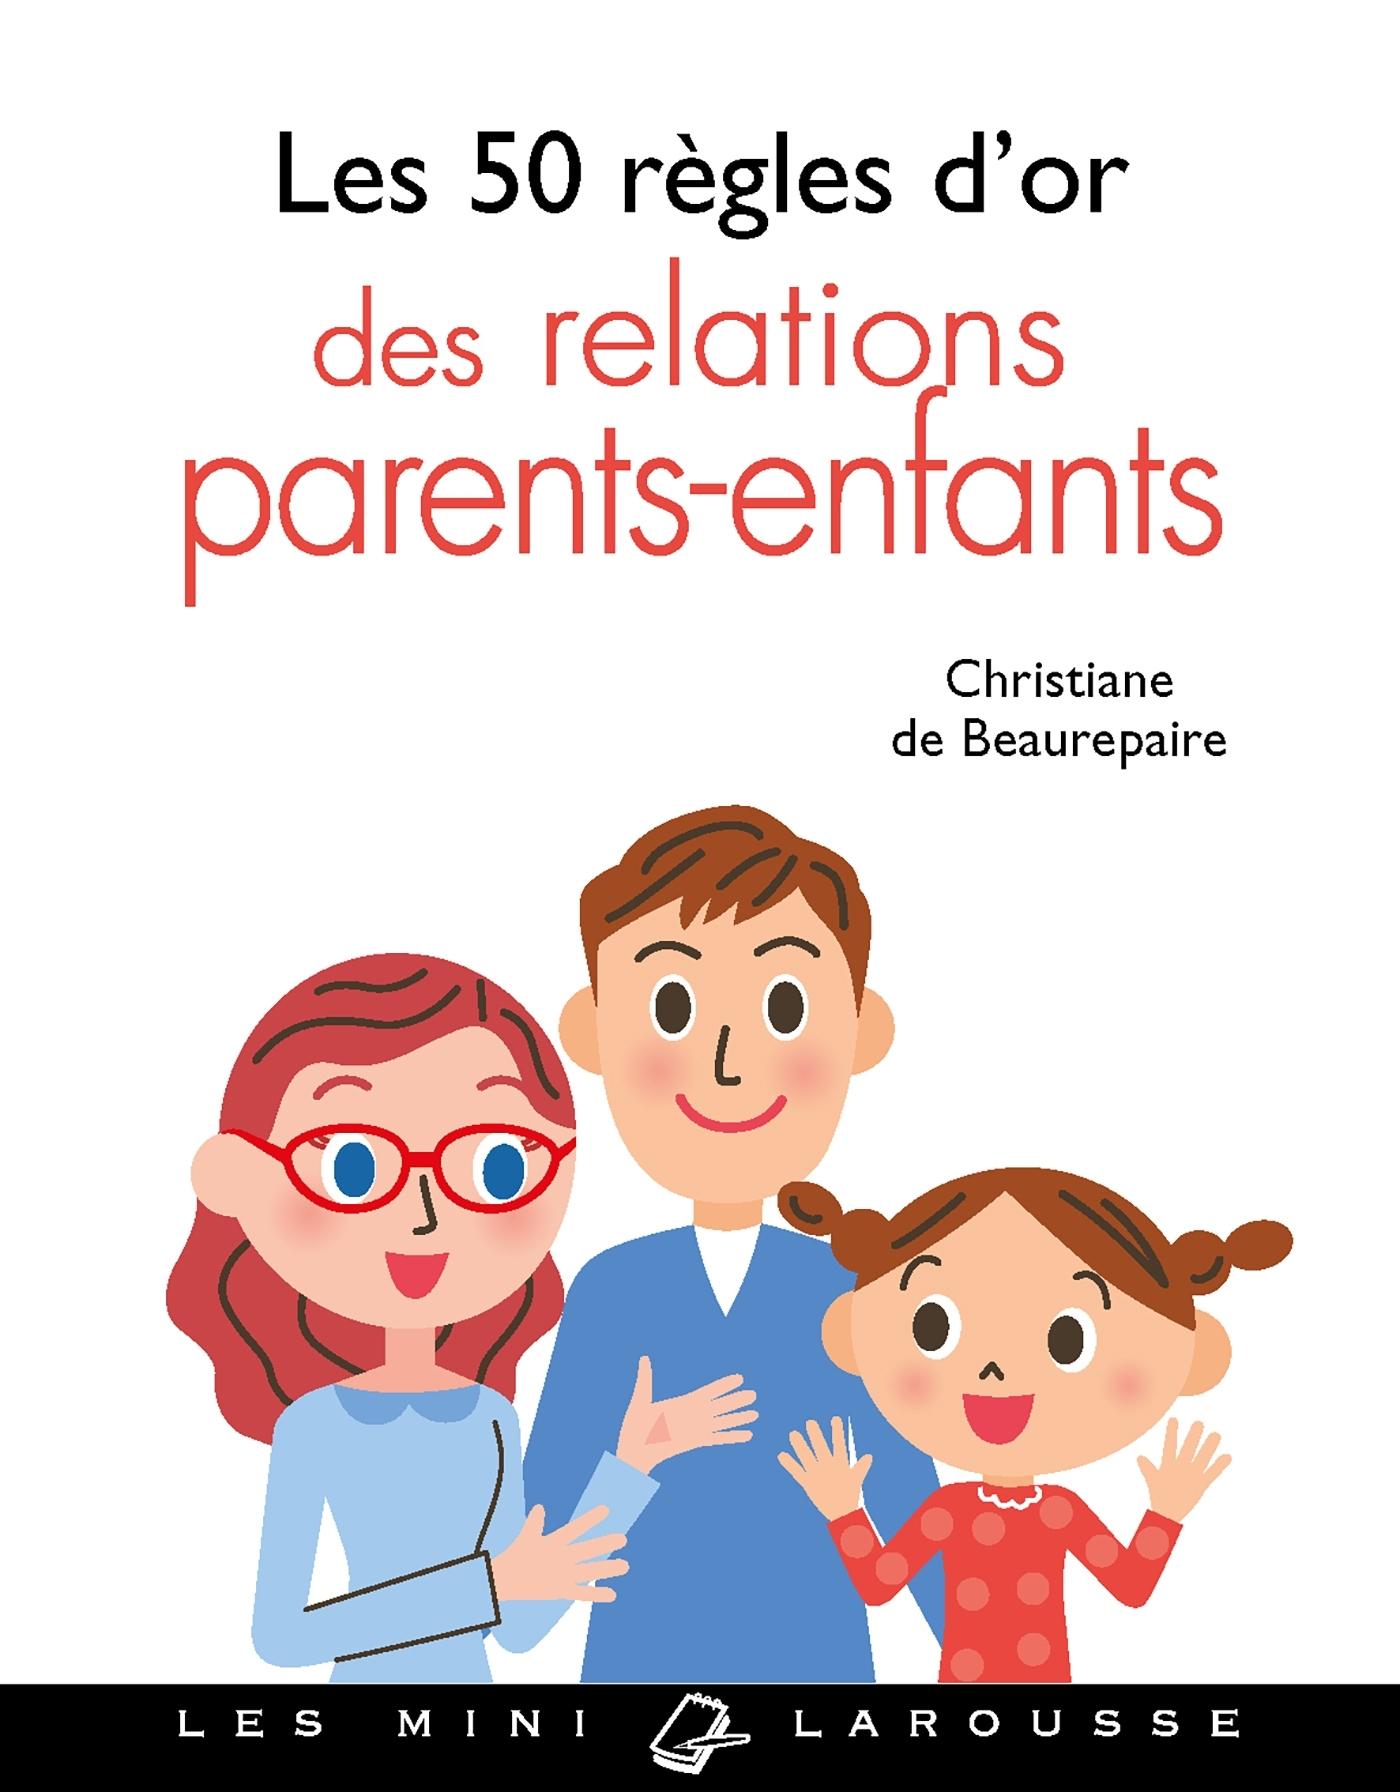 LES 50 REGLES D'OR DES RELATIONS PARENTS-ENFANTS